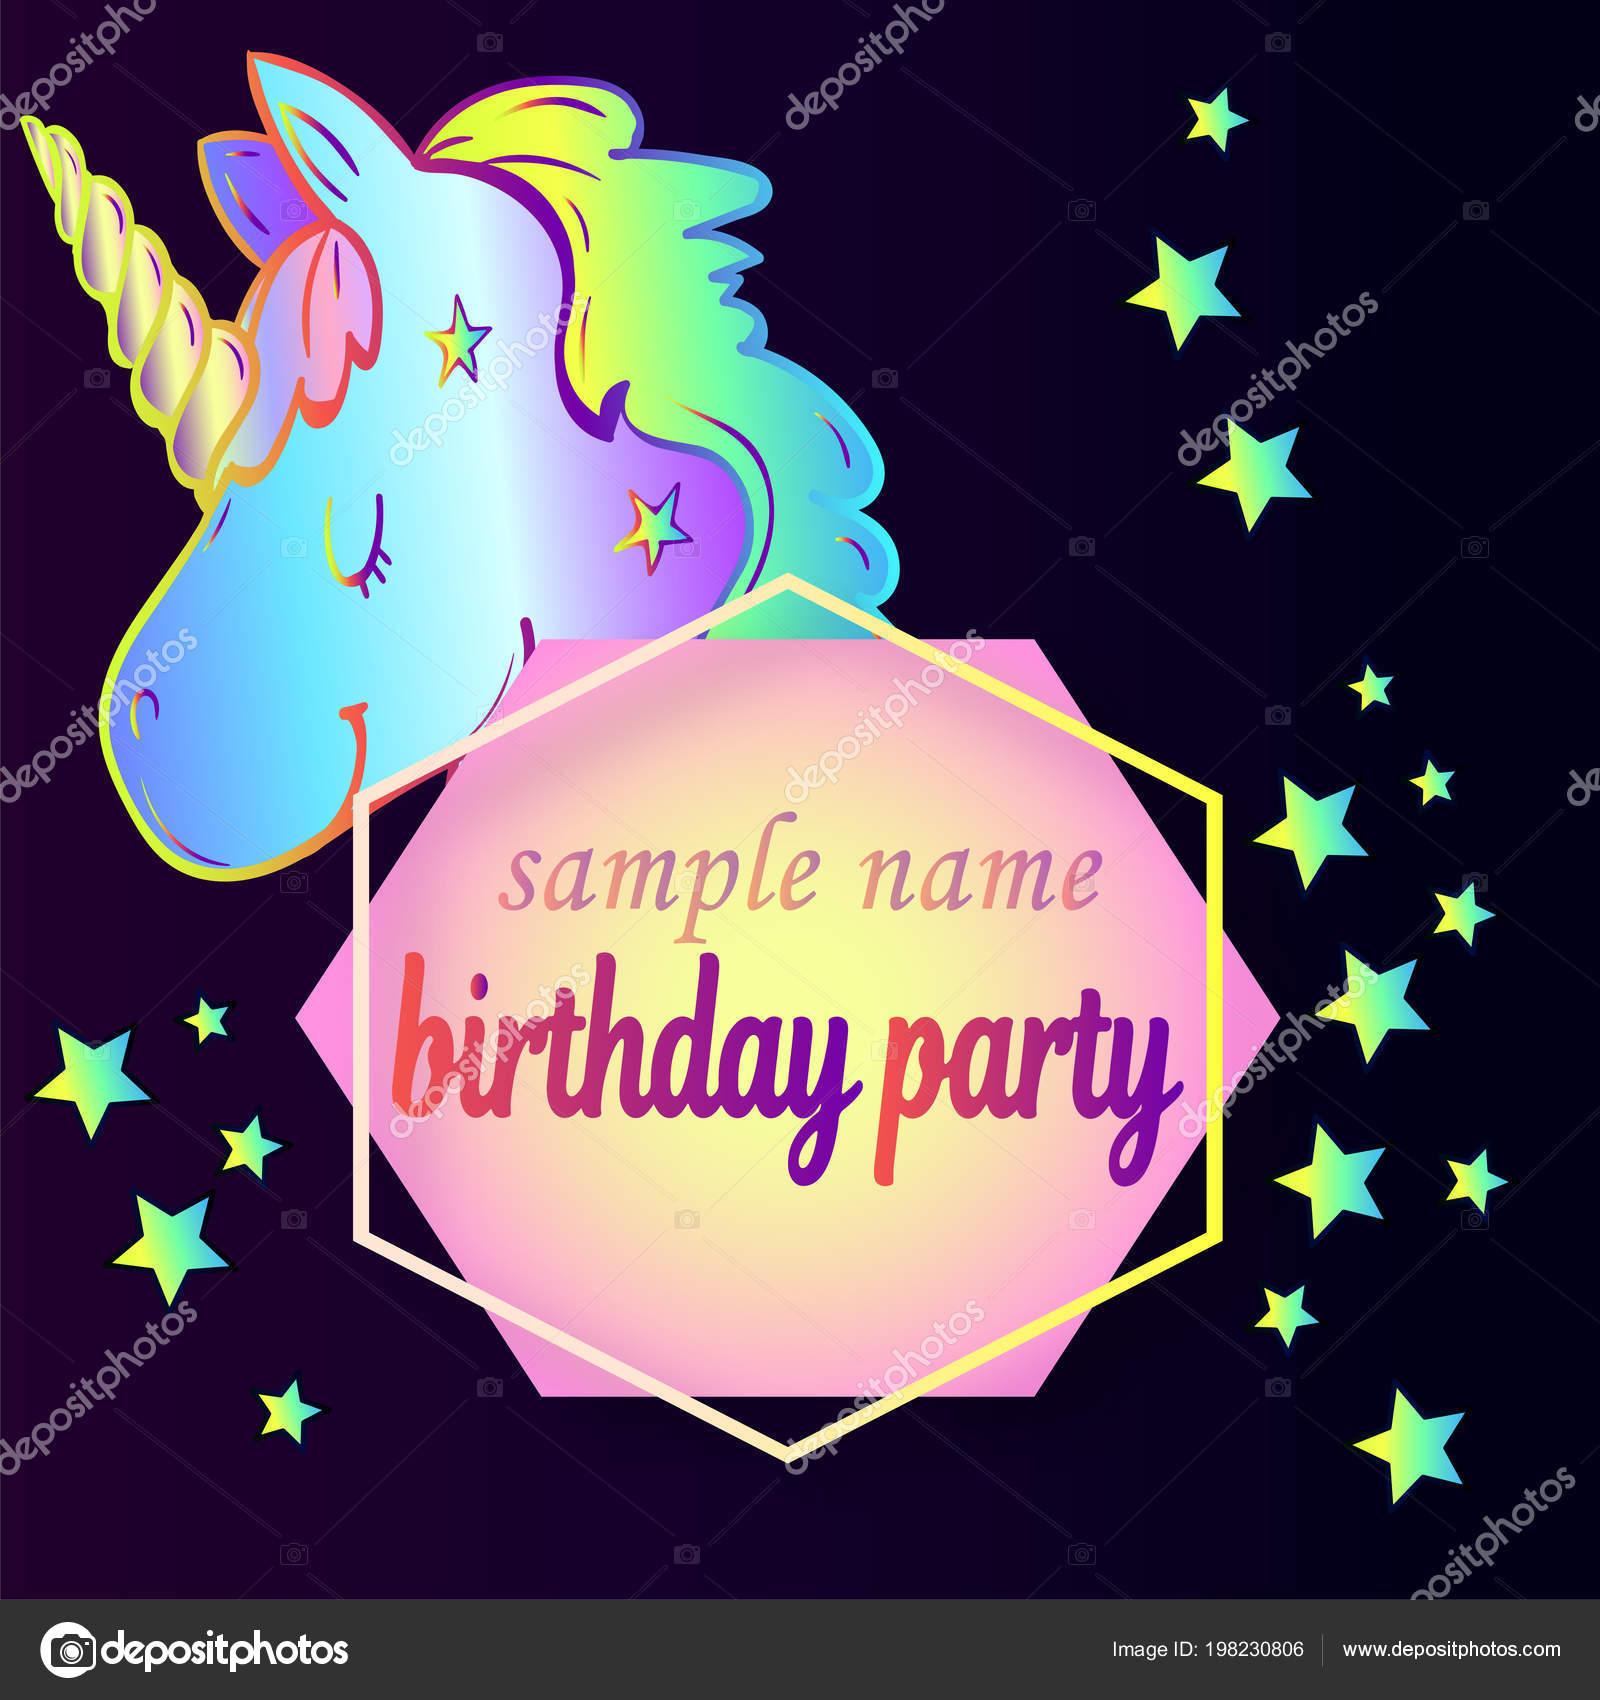 Imágenes Fondos De Unicornios Para Invitaciones Por